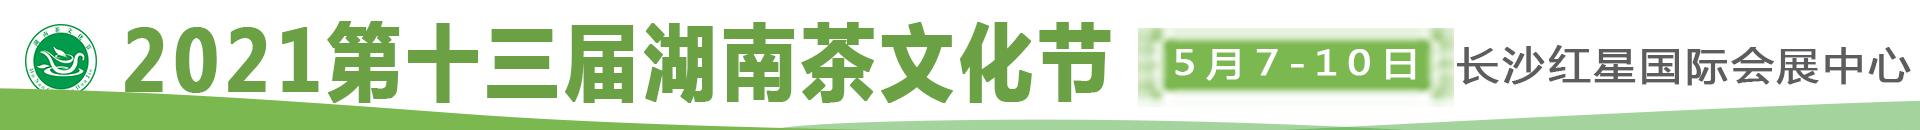 2021第十三届湖南茶文化节 暨紫砂、书画、陶瓷、茶具工艺品展